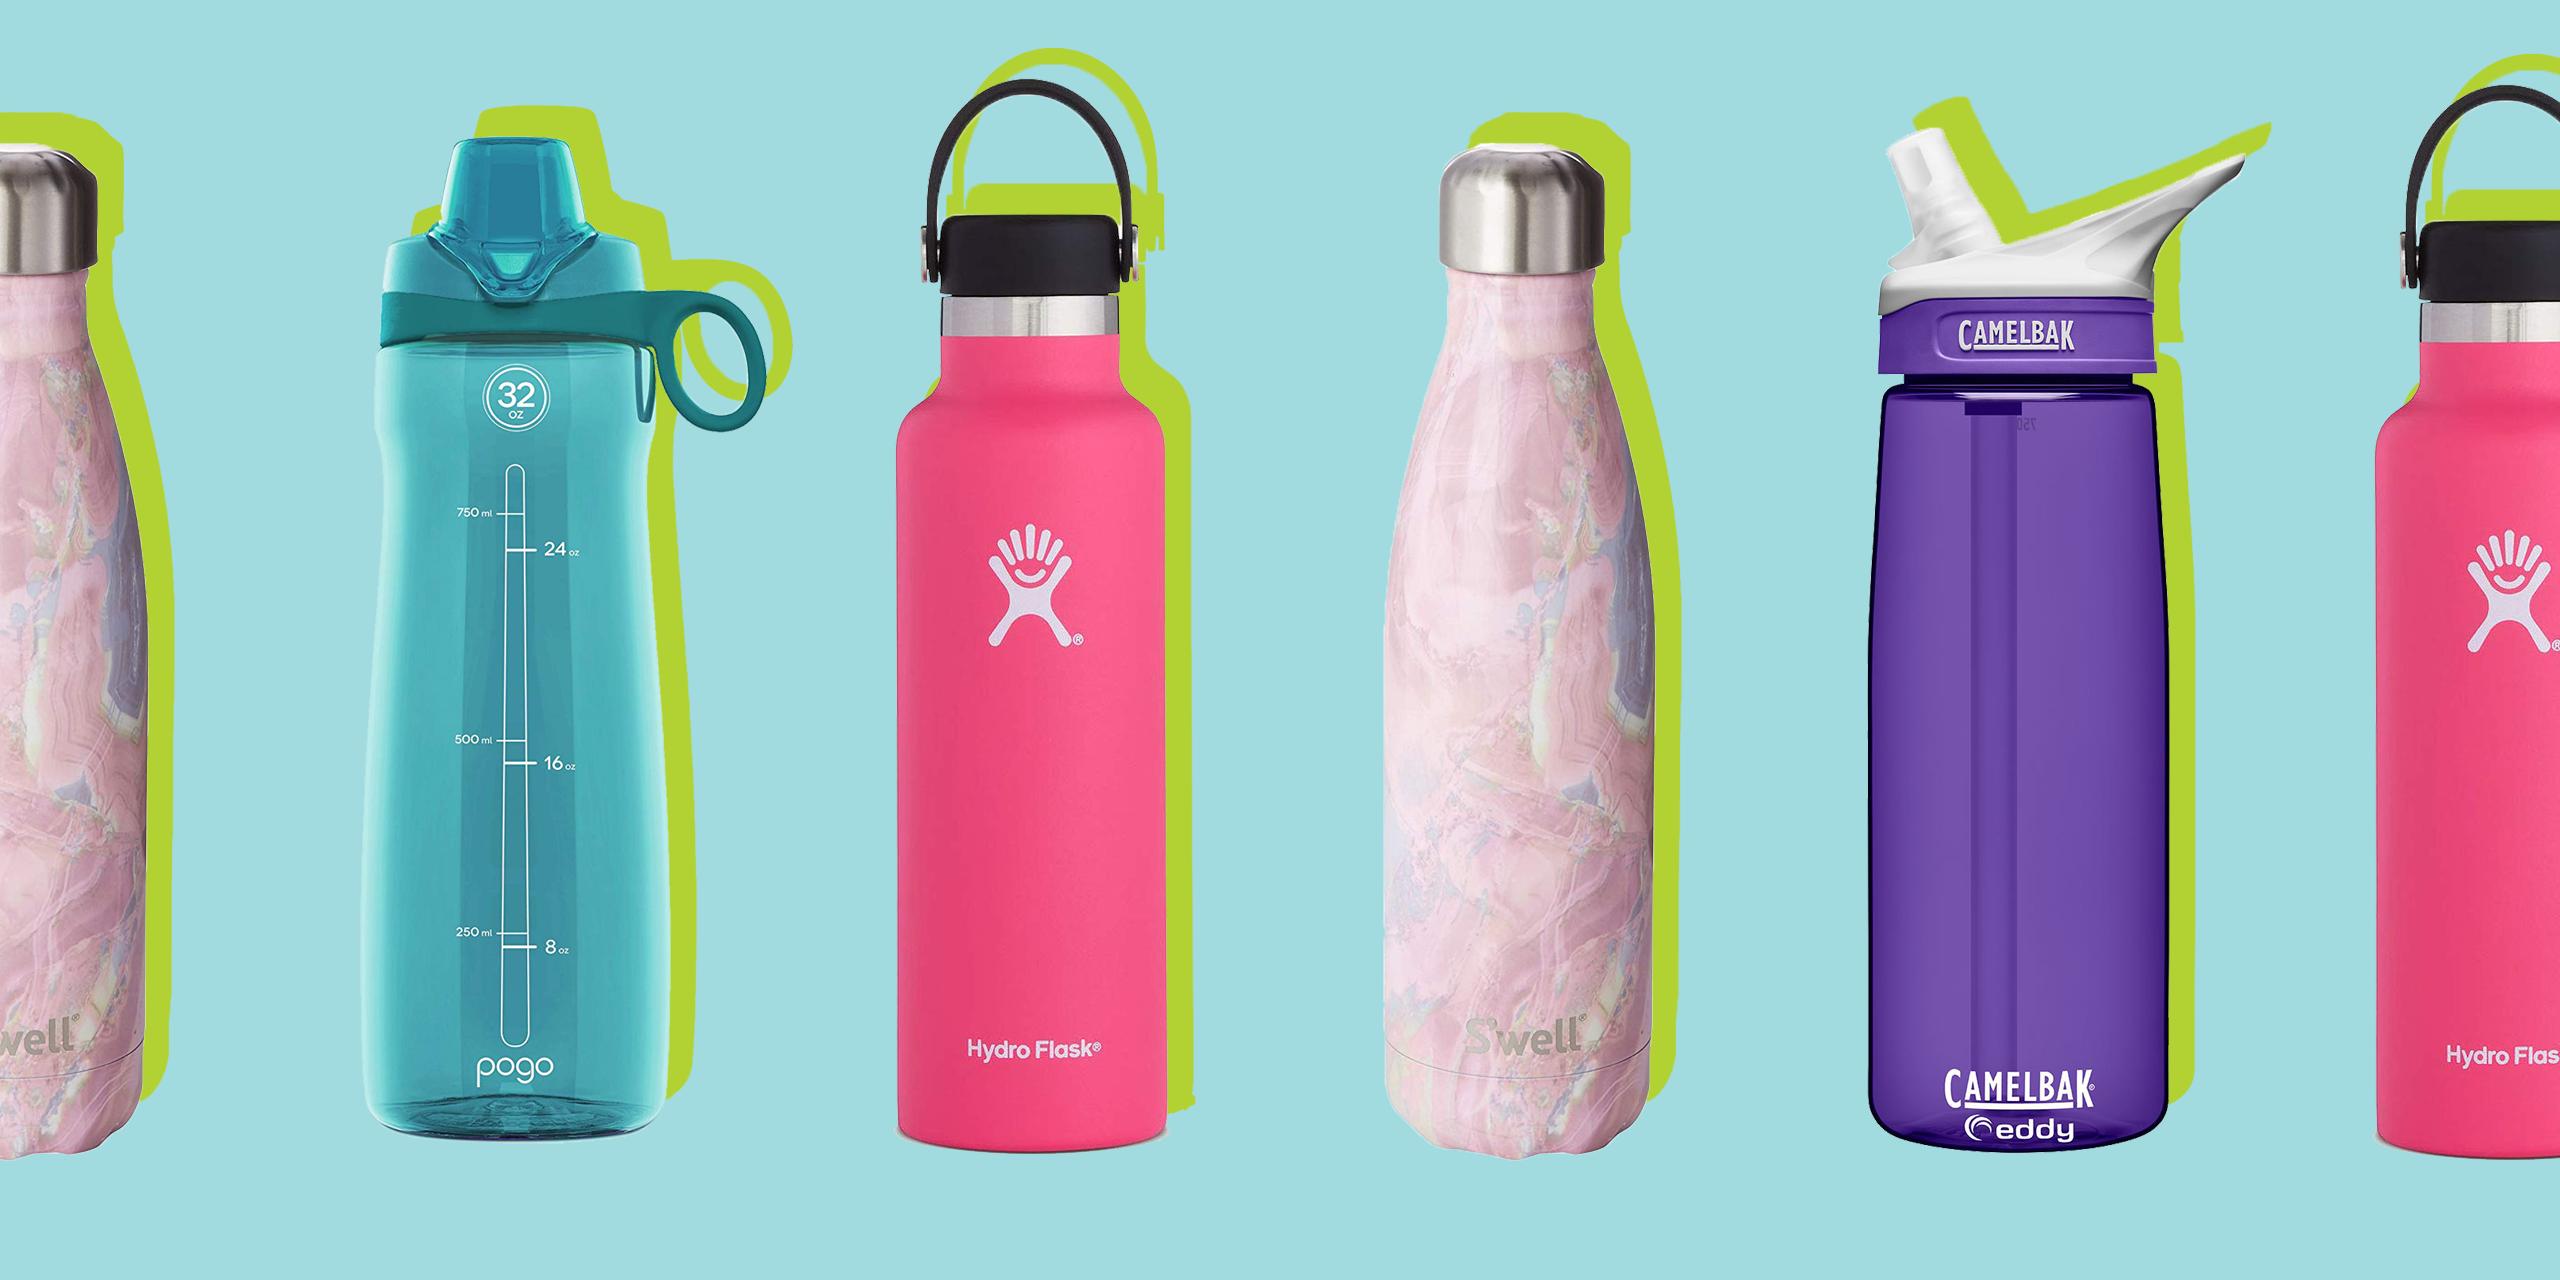 e8c37d9d11 20 Best Water Bottles of 2019 - Best Filtered Water Bottles